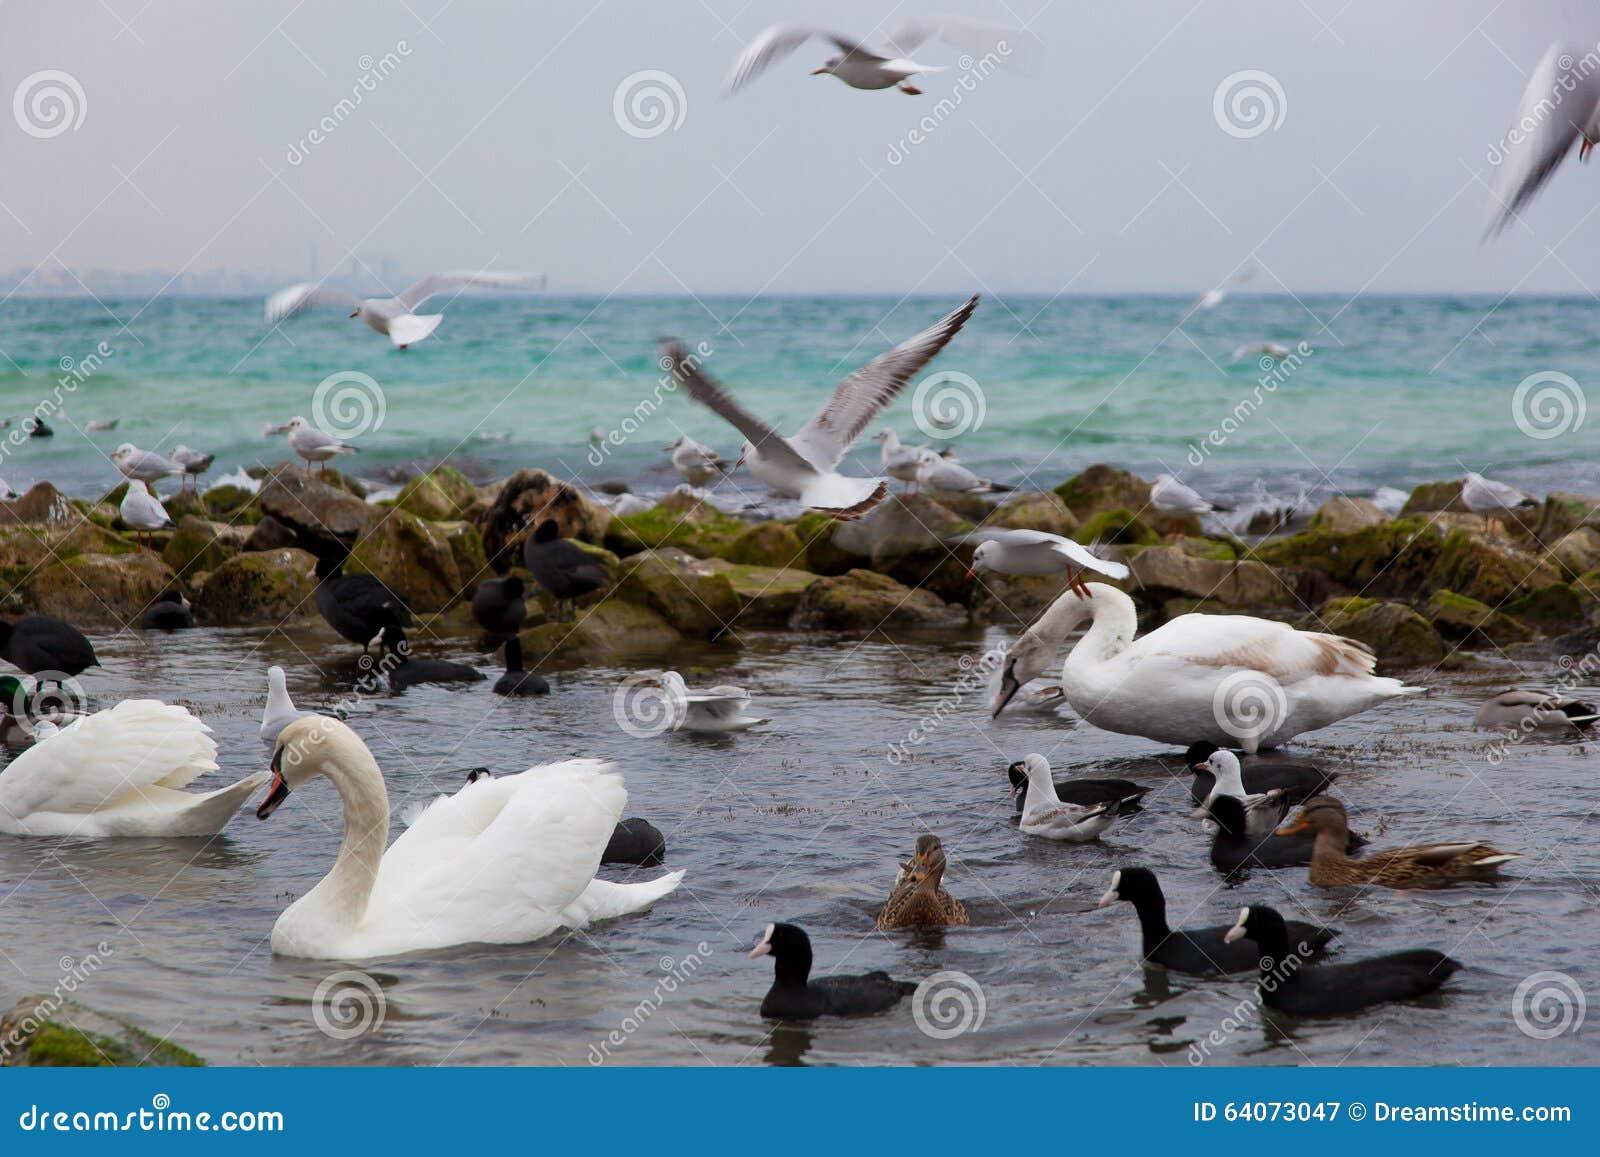 Het bad van nice voor zeevogels dichtbij de zwarte zee stock foto afbeelding 64073047 for Foto in het bad